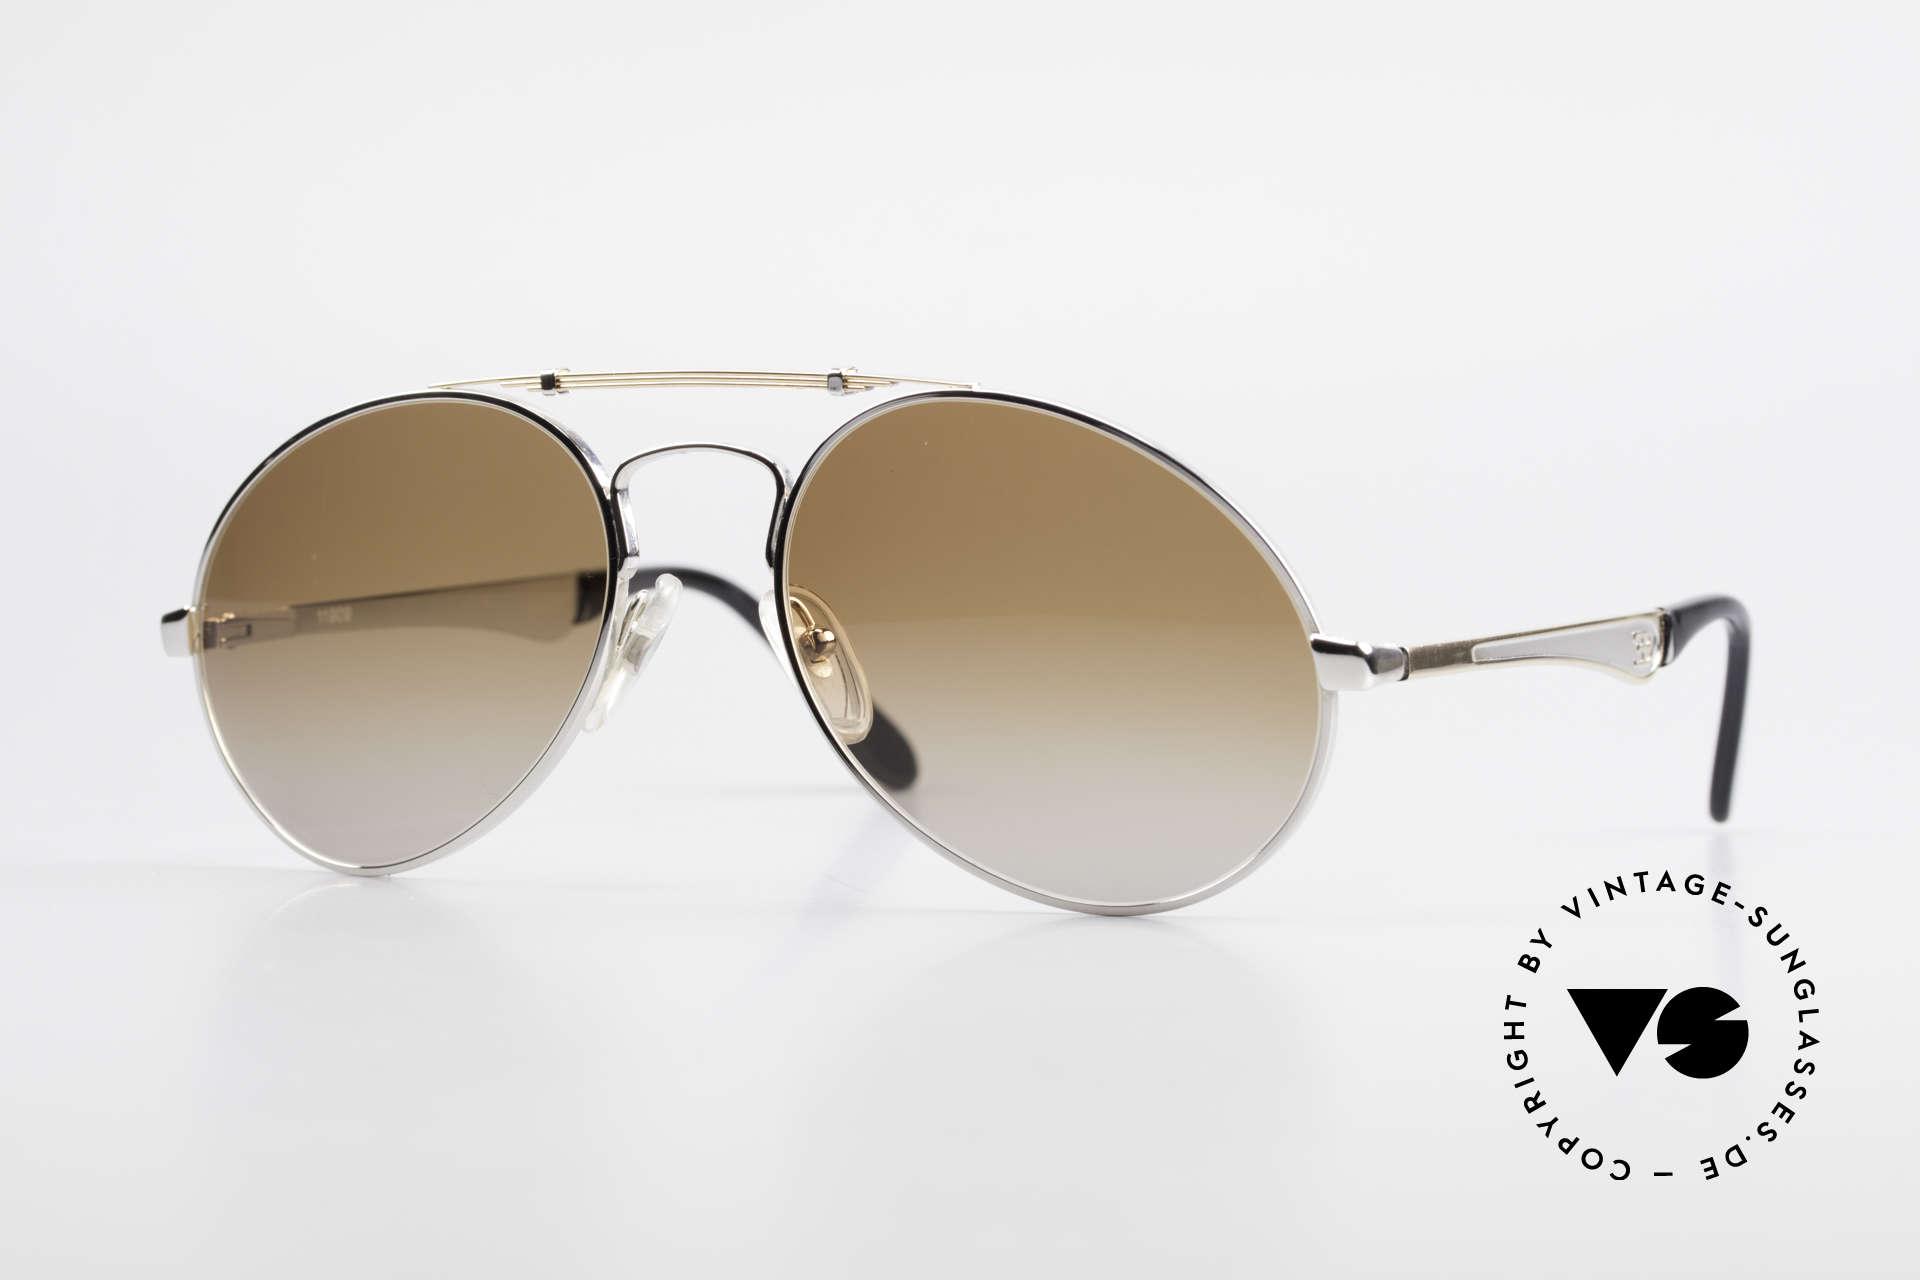 Bugatti 11909 80's Luxury Sunglasses Men, vintage 80's men's sunglasses in XL size 58/20, Made for Men